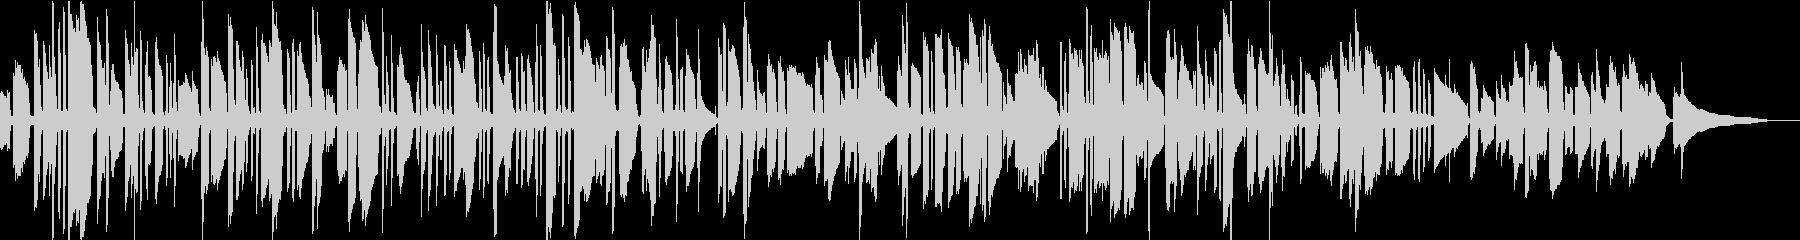 アイルランド民謡をソロギターでの未再生の波形